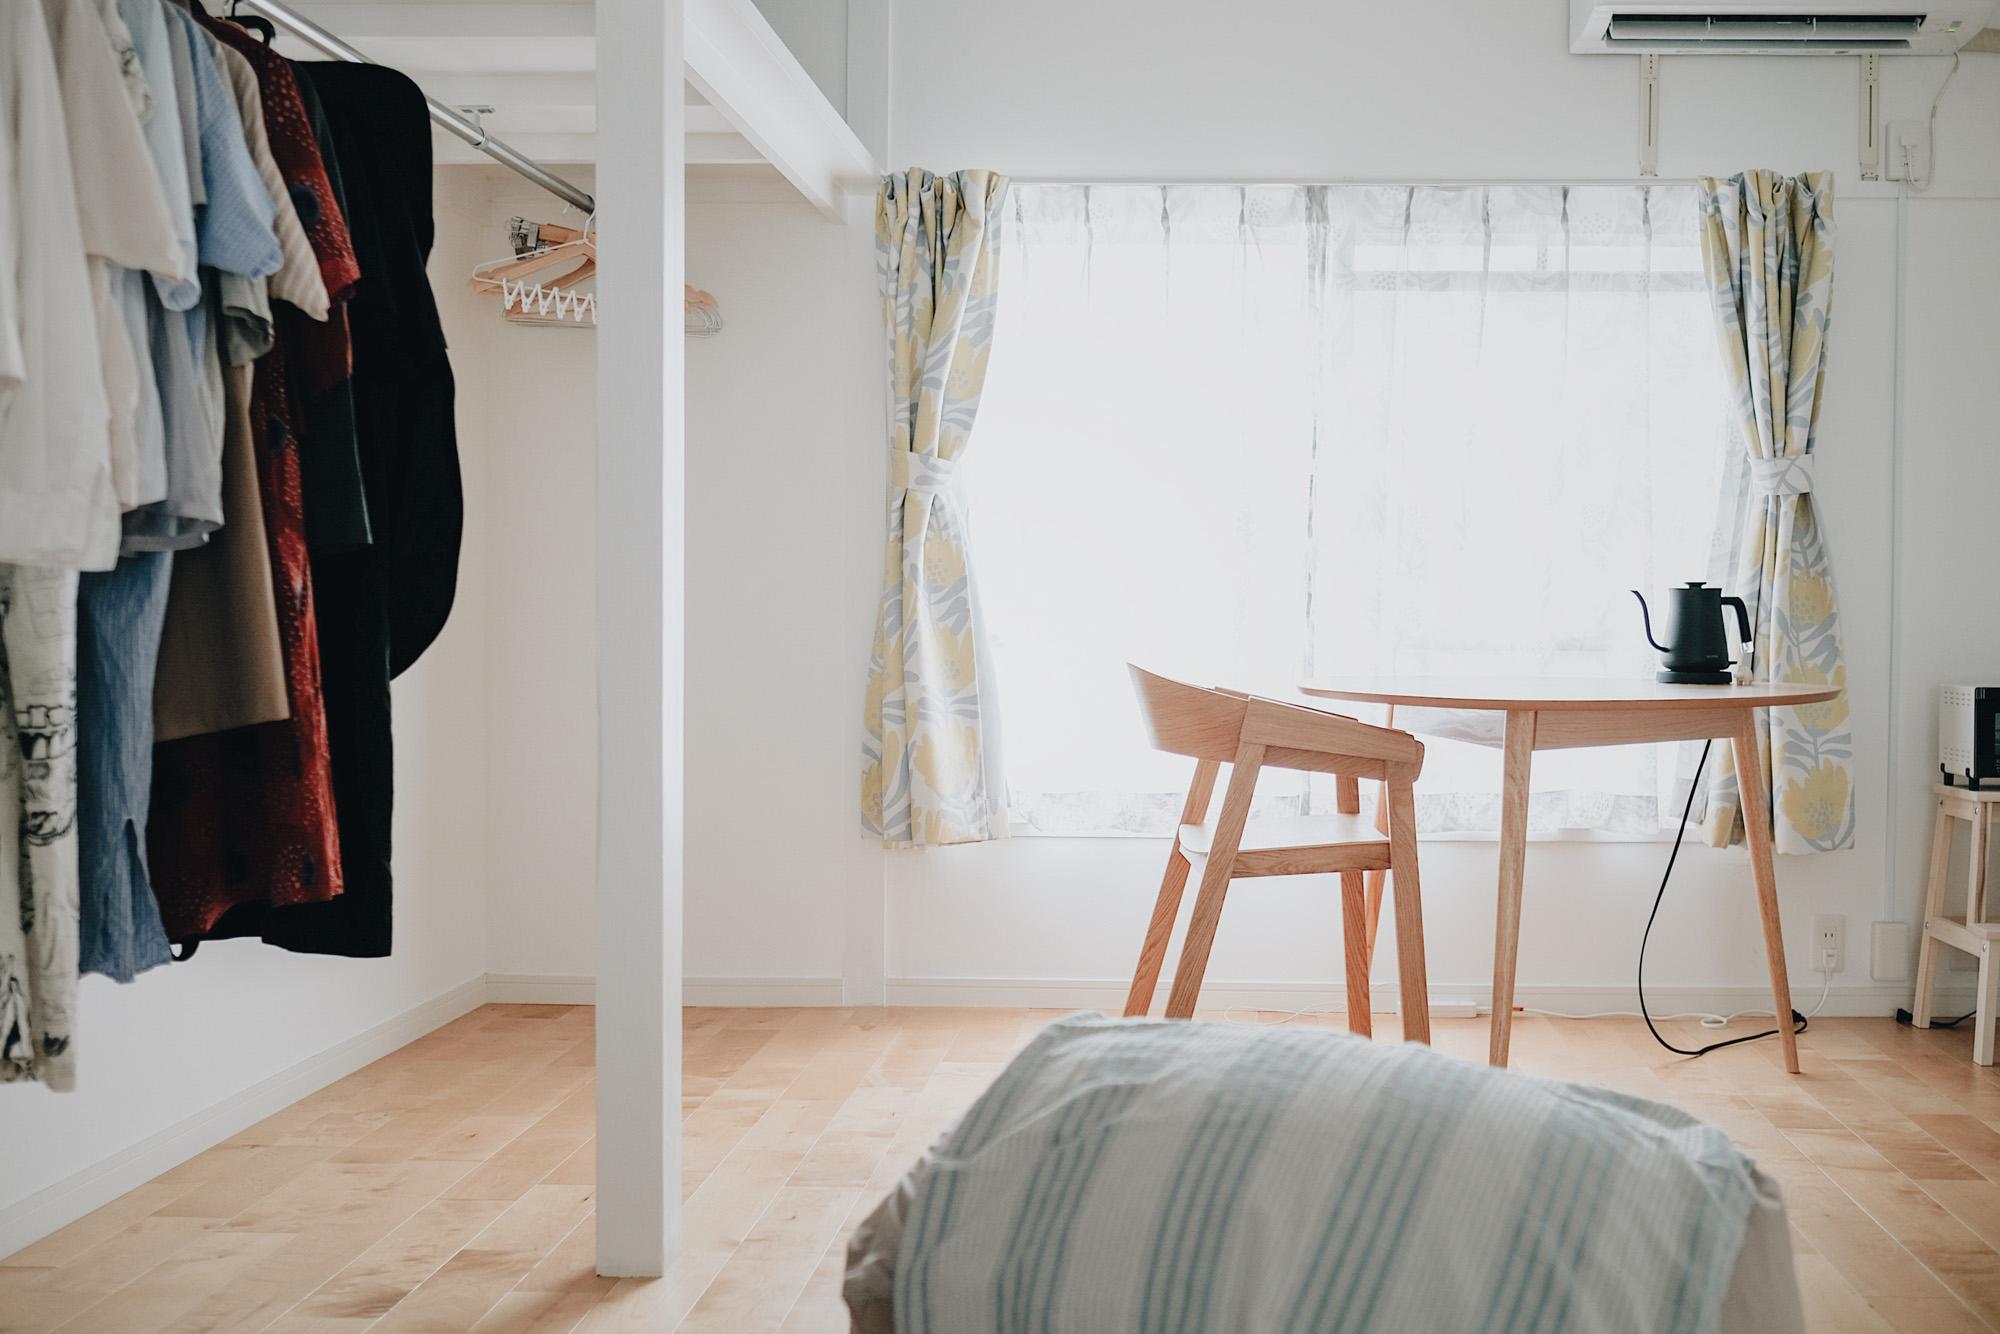 こちらのTOMOSで生活されている方のお部屋。間取りは40㎡ほどの1LDKで初めての一人暮らしをされているkannaさんです。ベッドルームの入口や、元押入れの収納部分には扉がなく、とても開放的で風がよく抜ける間取りになっています。